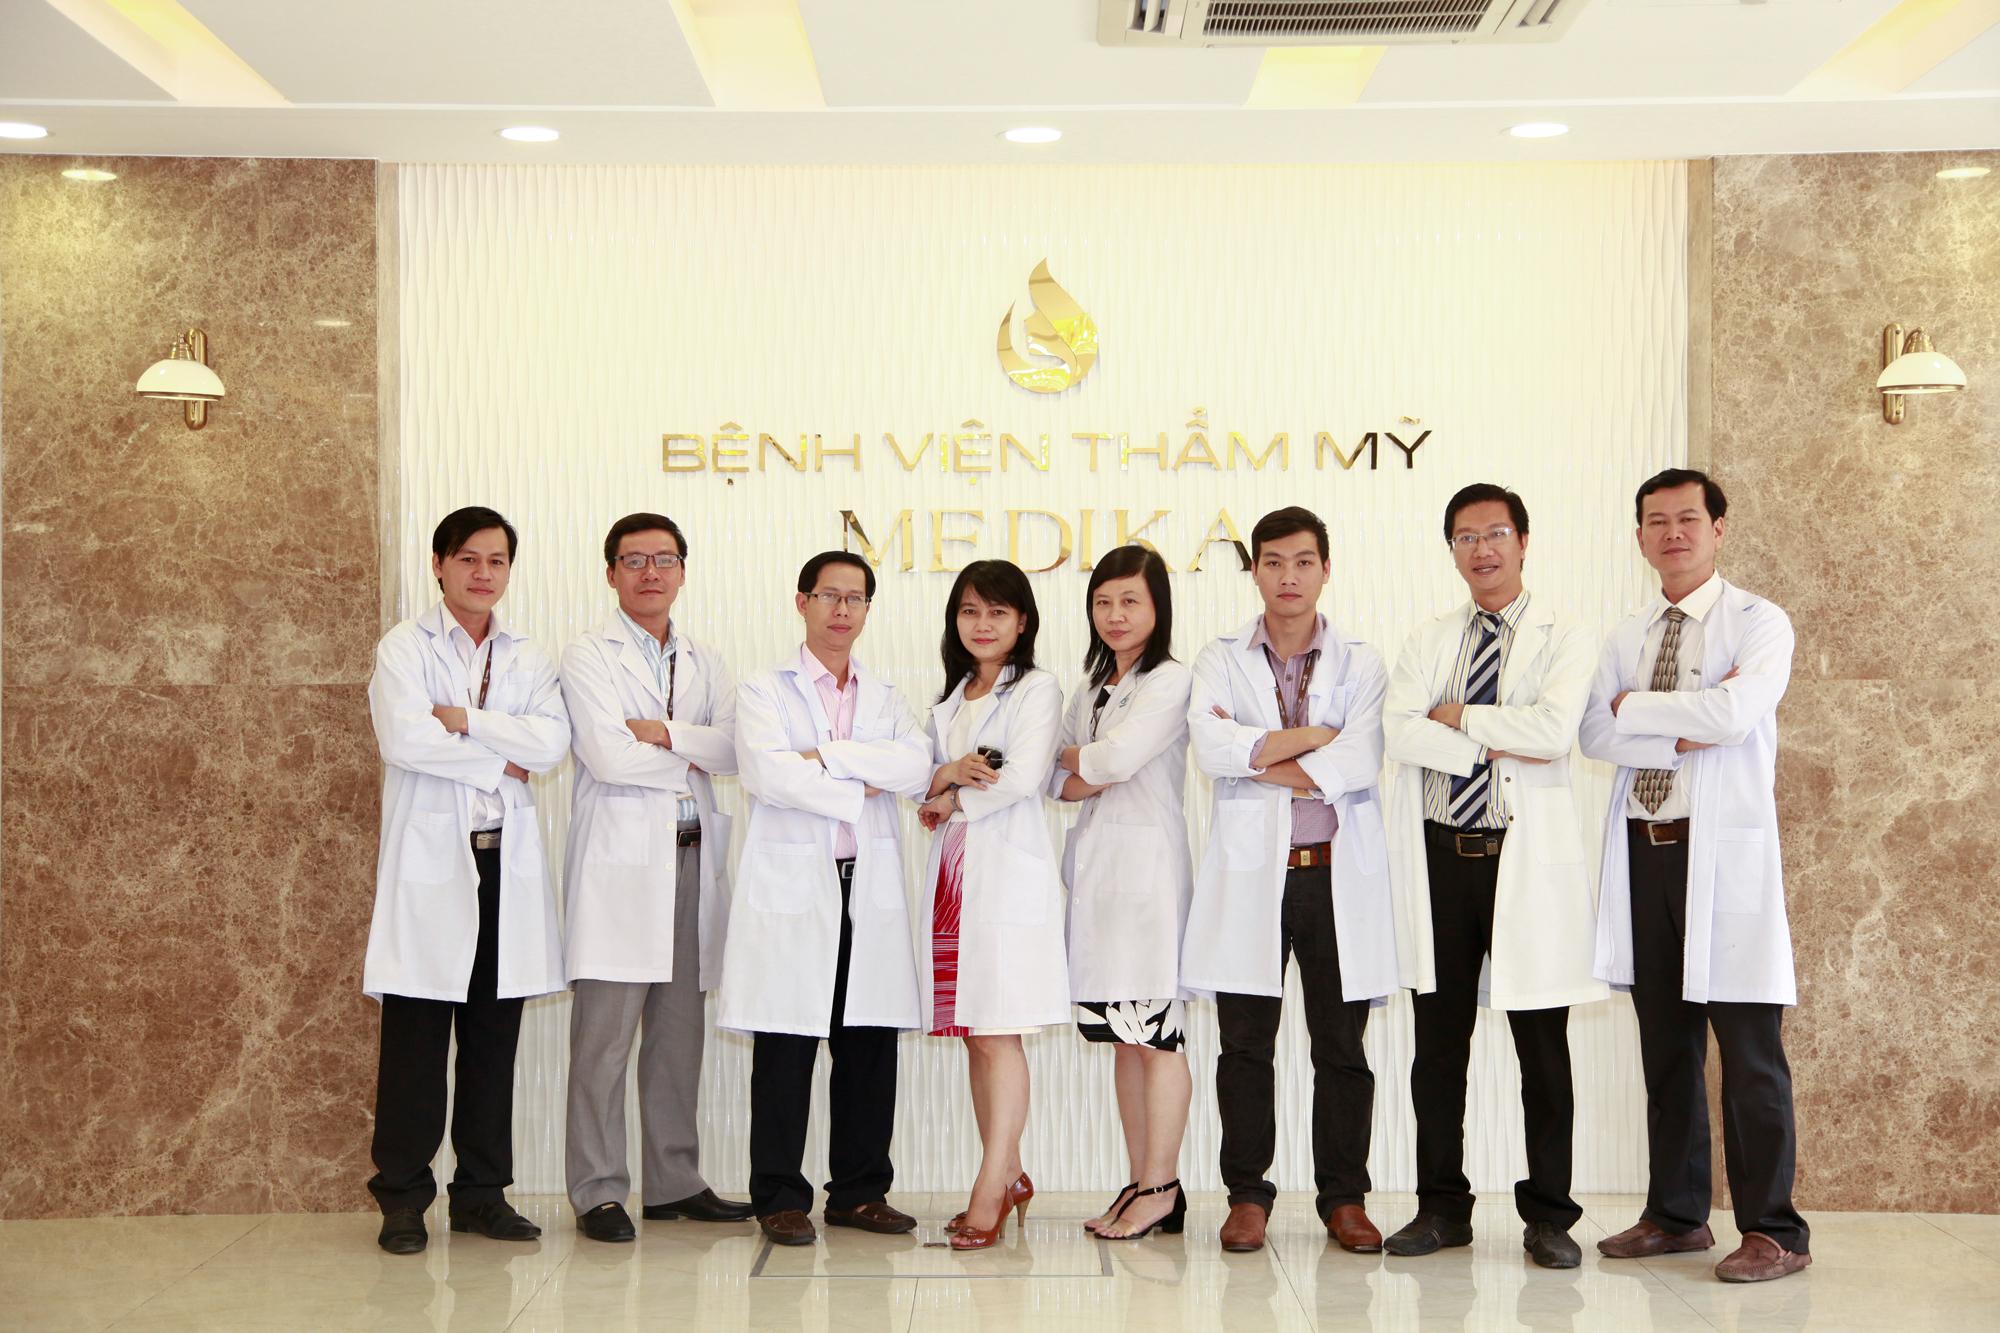 Đội ngũ bác sĩ tại BVTM MEDIKA